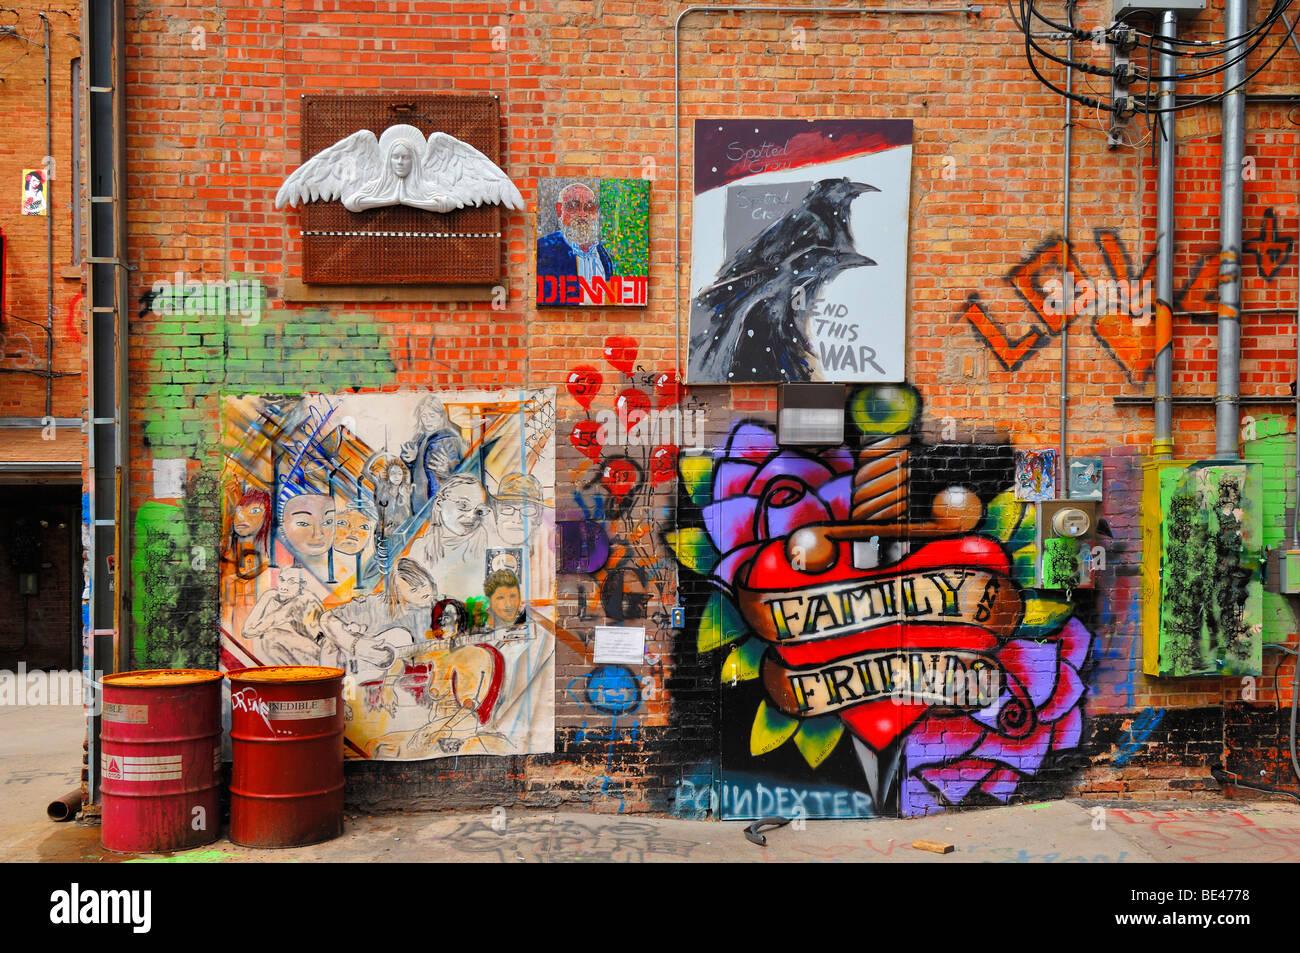 Arte Alley è una brutta strada in una città interessante. Per ovviare a questo problema le autorità Immagini Stock